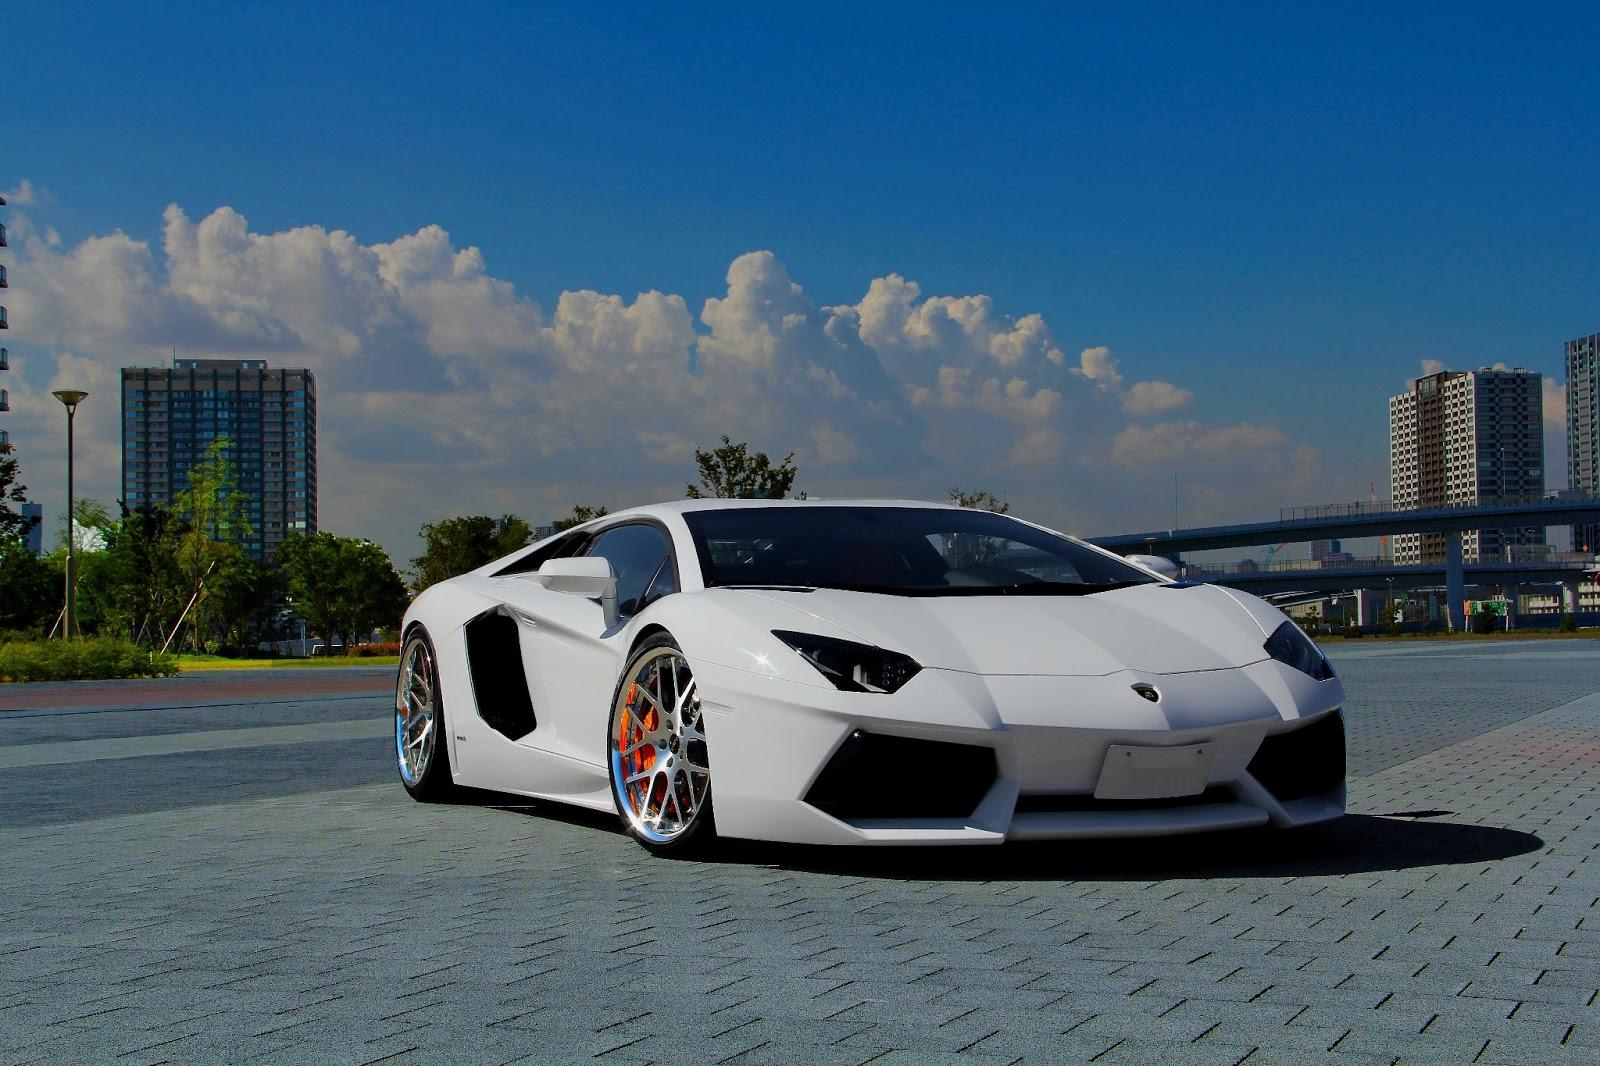 http://4.bp.blogspot.com/-0WSEY-UxsKg/UOxqUWO4P_I/AAAAAAAAAXk/zpPd9Rtv_oo/s1600/Lamborghini+Aventador+J+In+Whtie+Colour.jpg